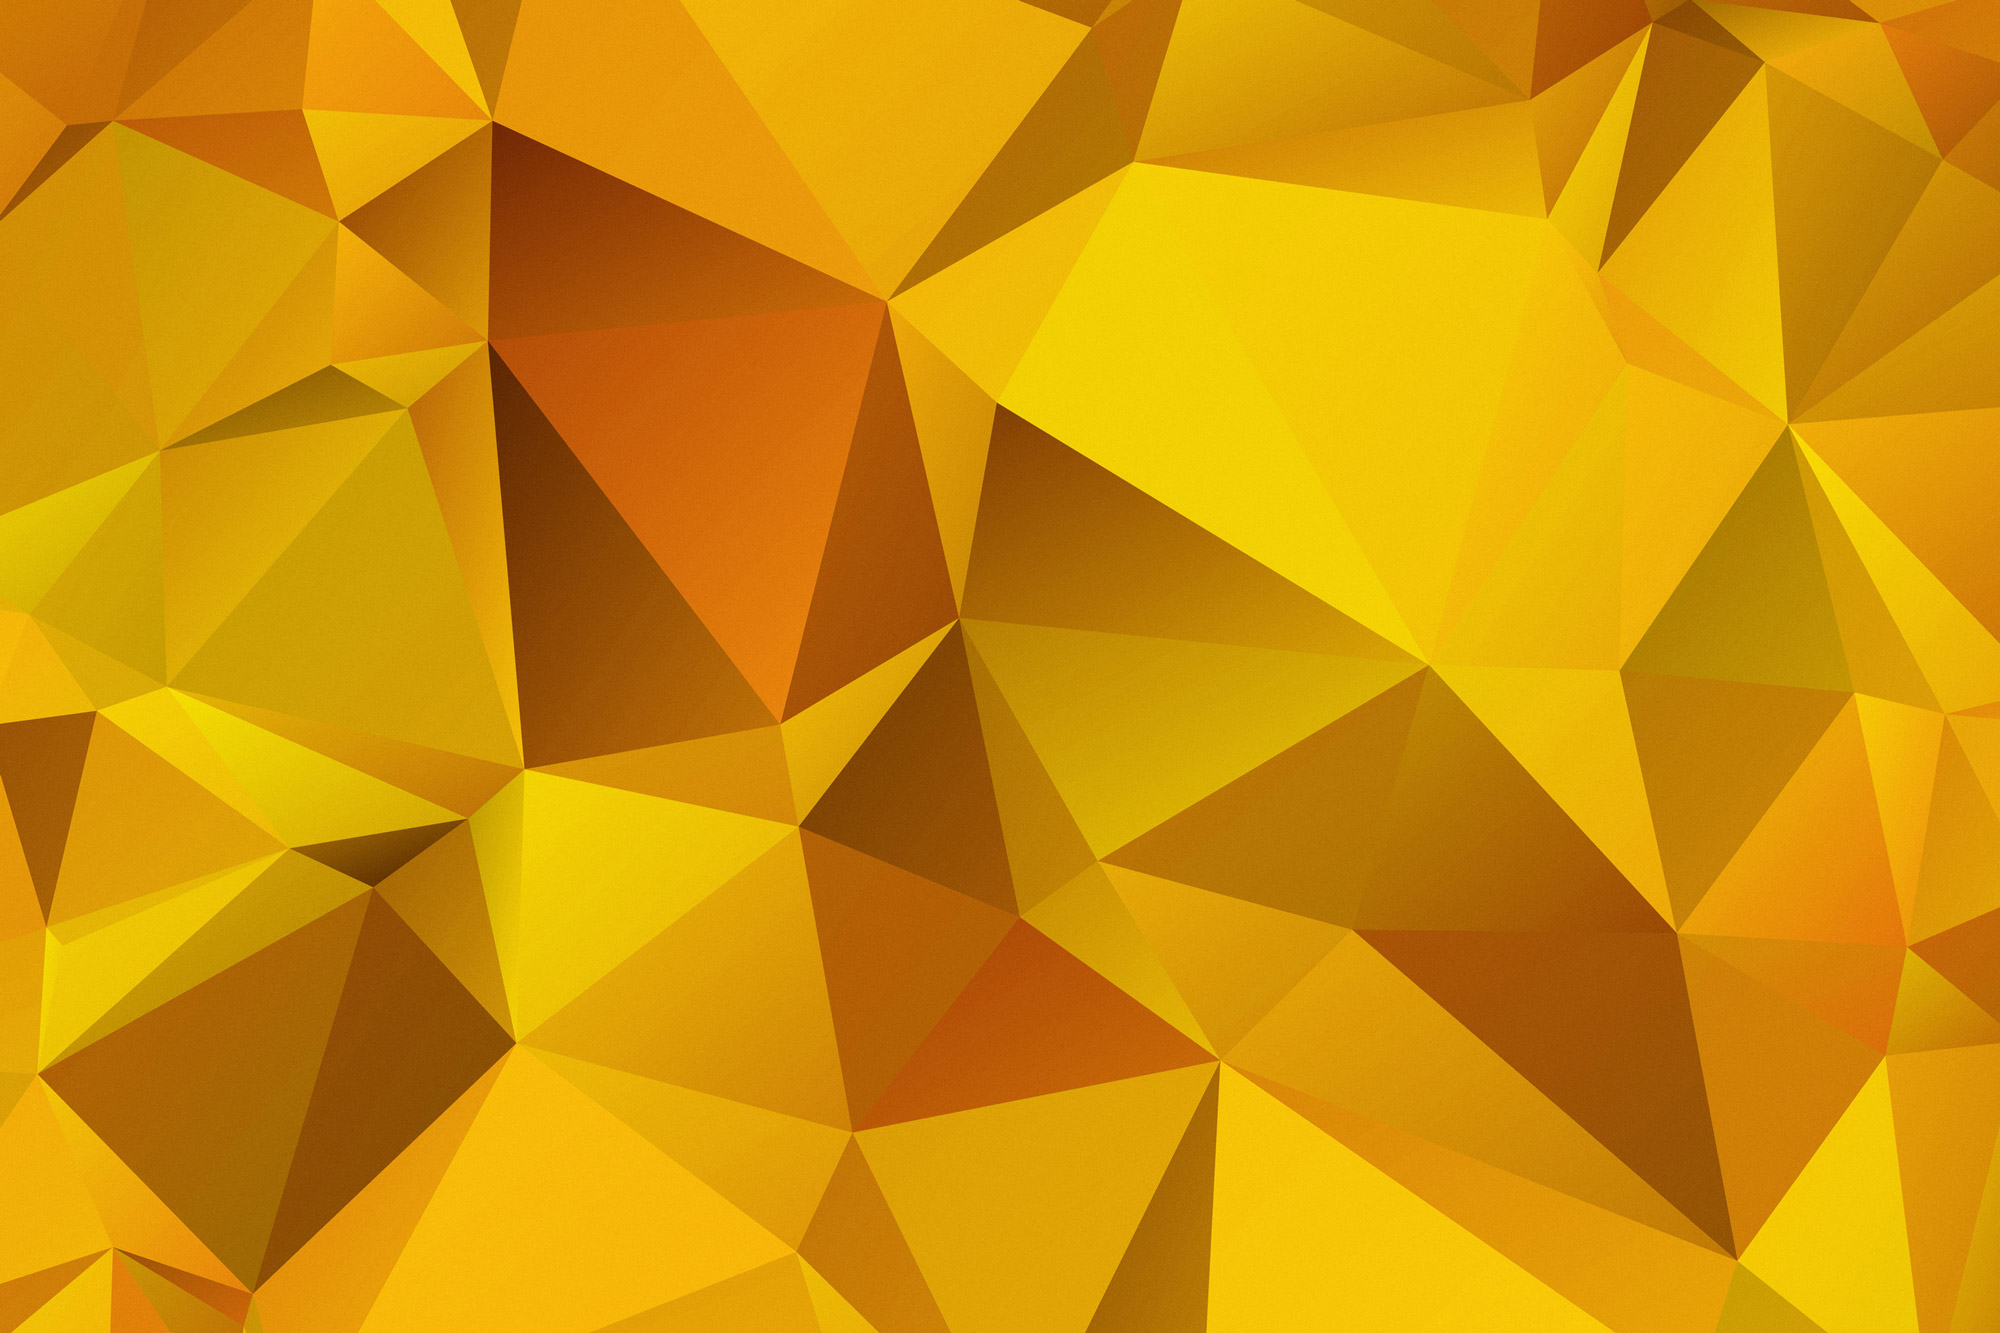 Farbenwirkung gelb